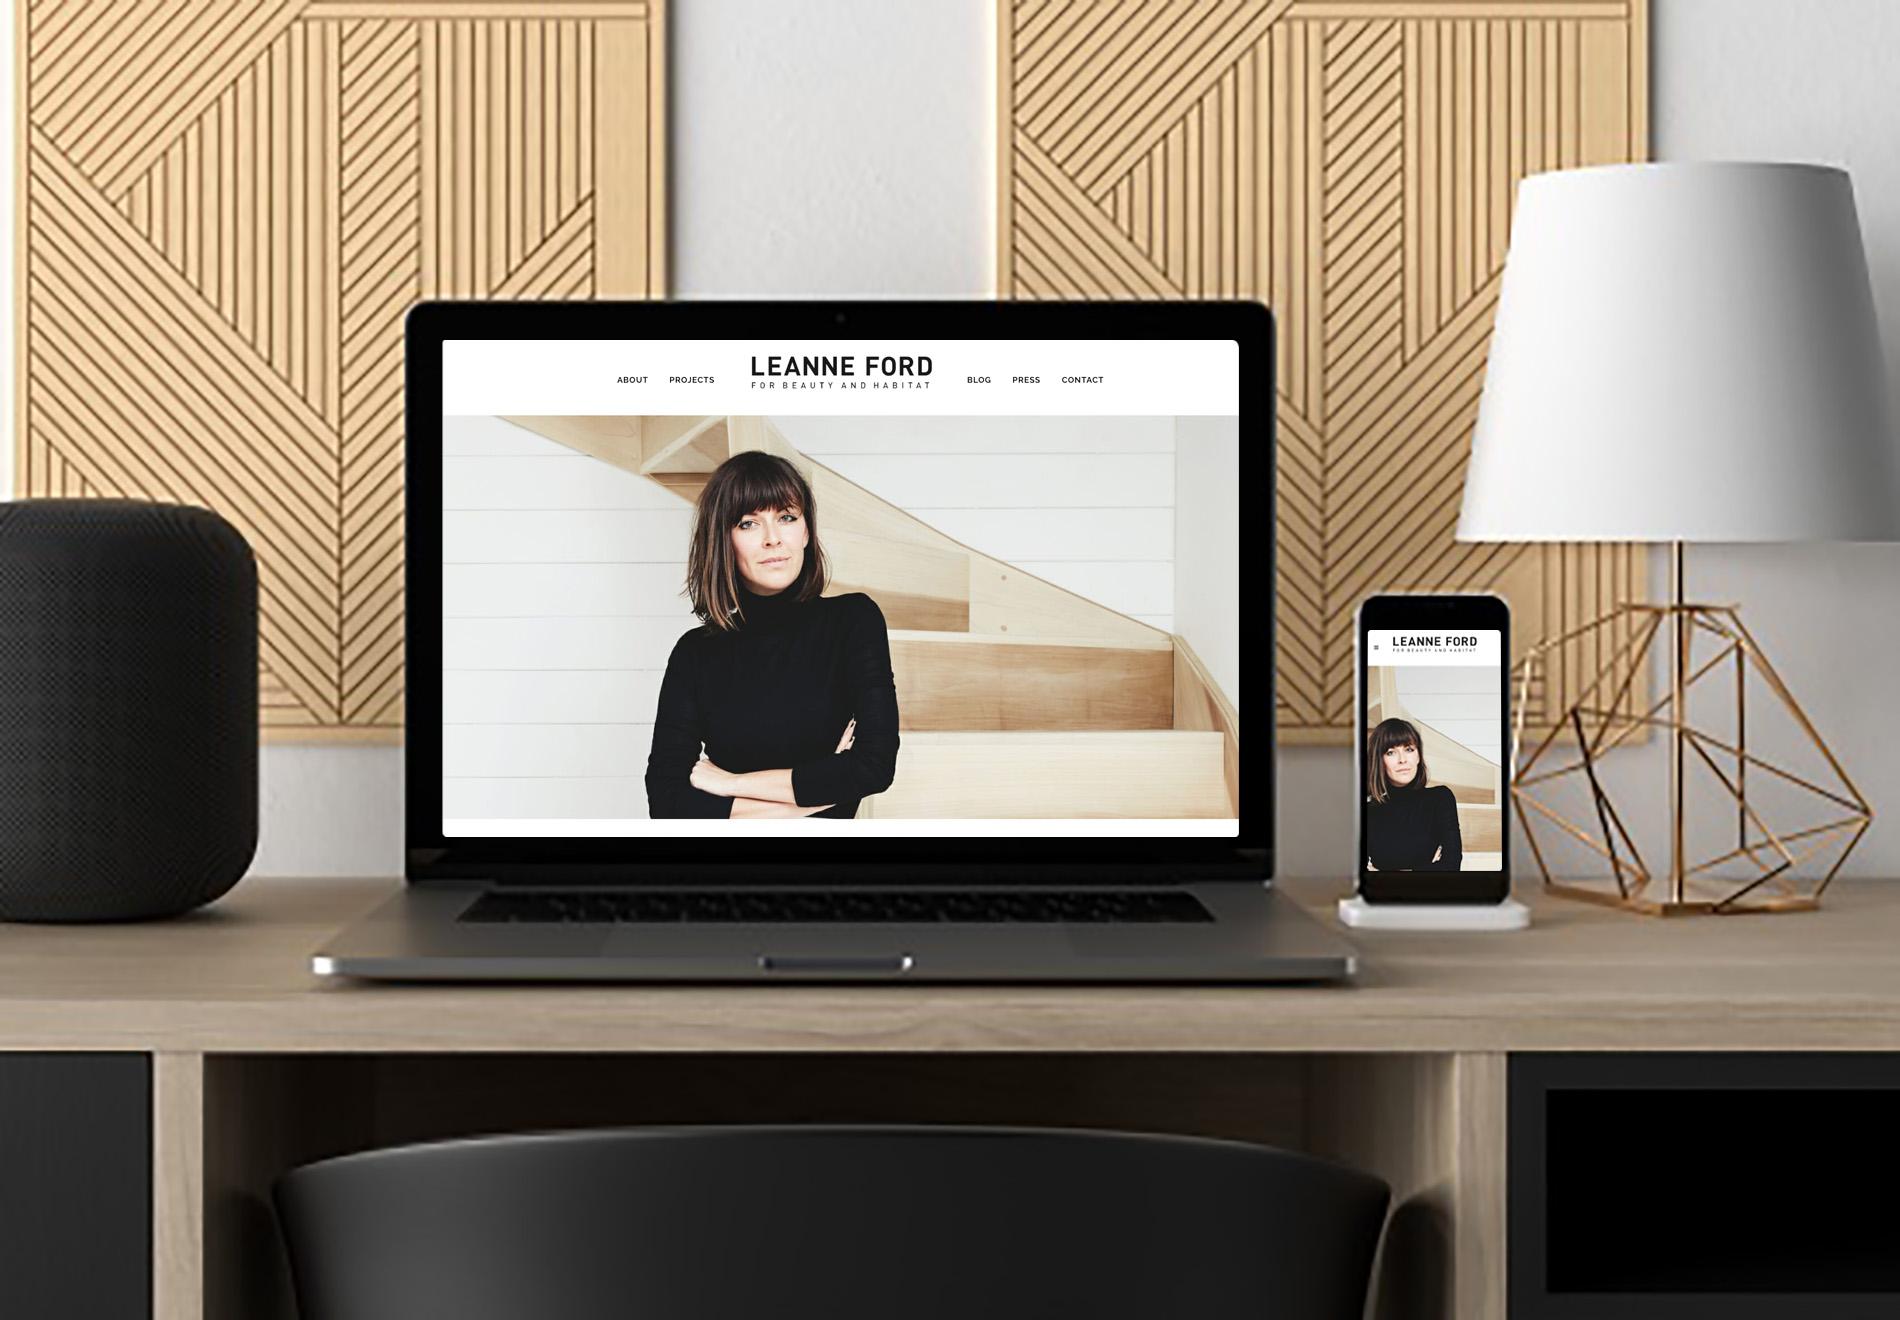 Laptop ukazujúci webstránku interiérovej dizajnérky vytvorenú firmou IdeaMarketing.sk